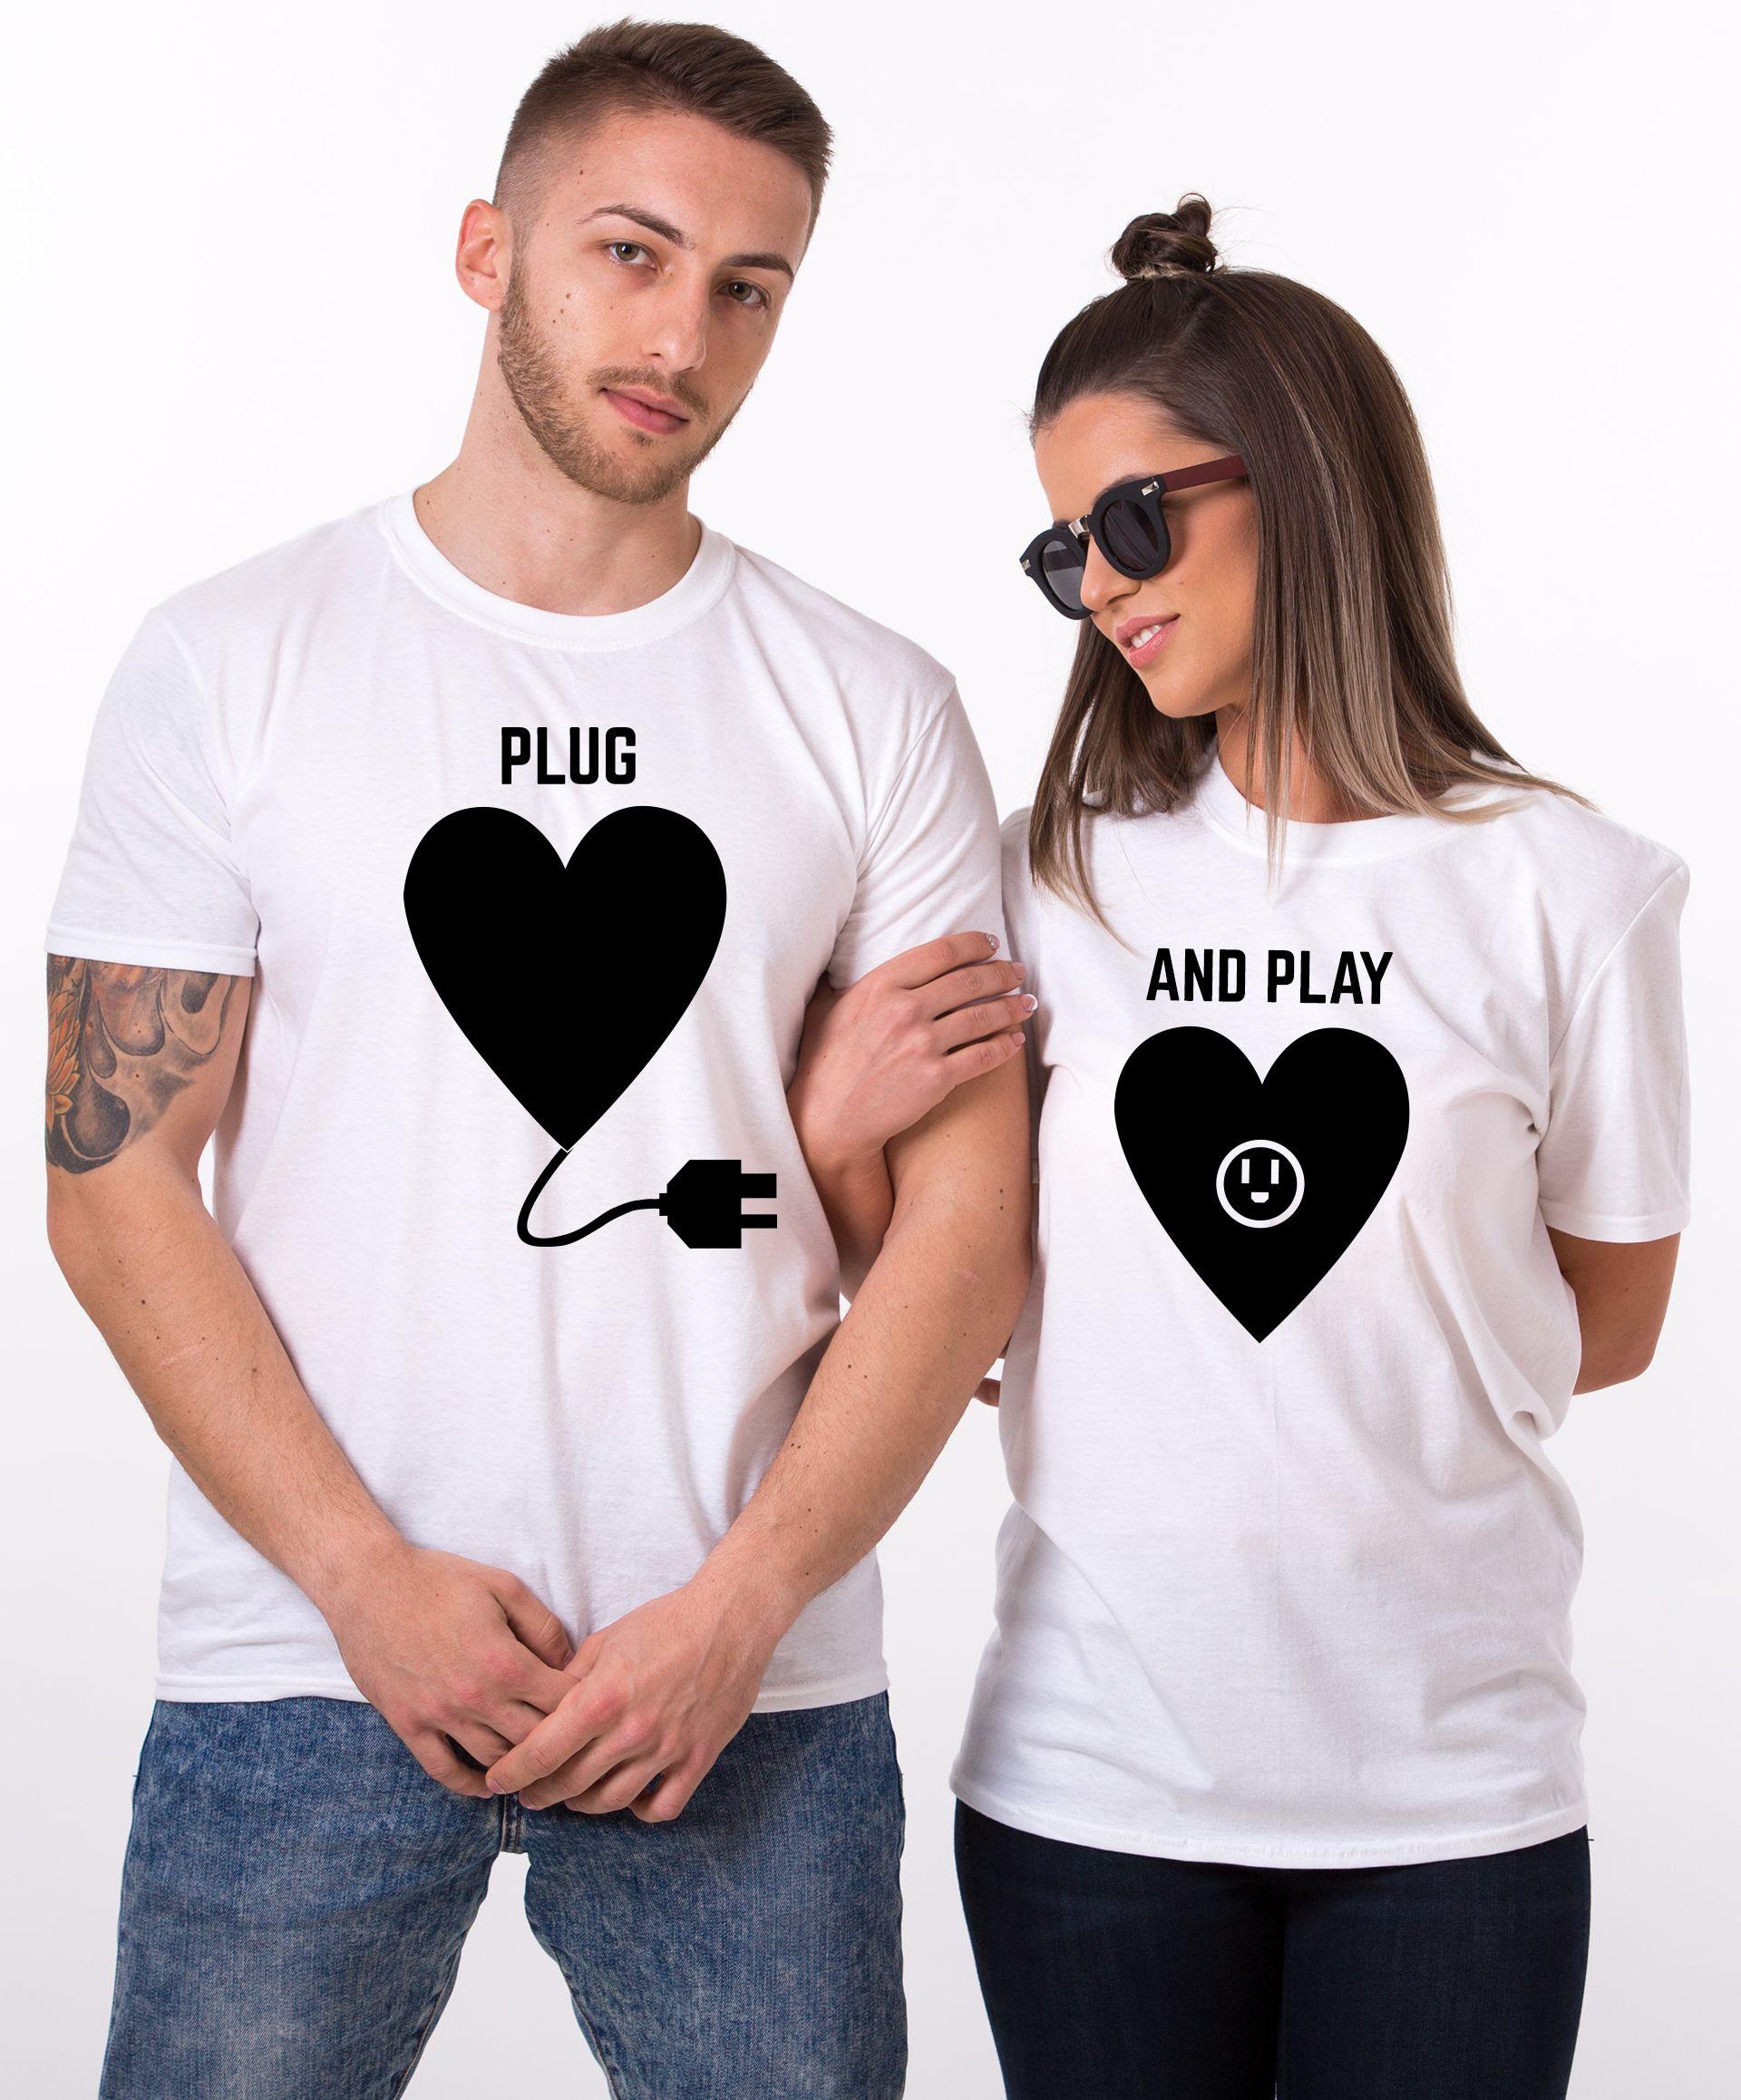 Plug Play Shirts Plug And Play Matching Couples Shirts